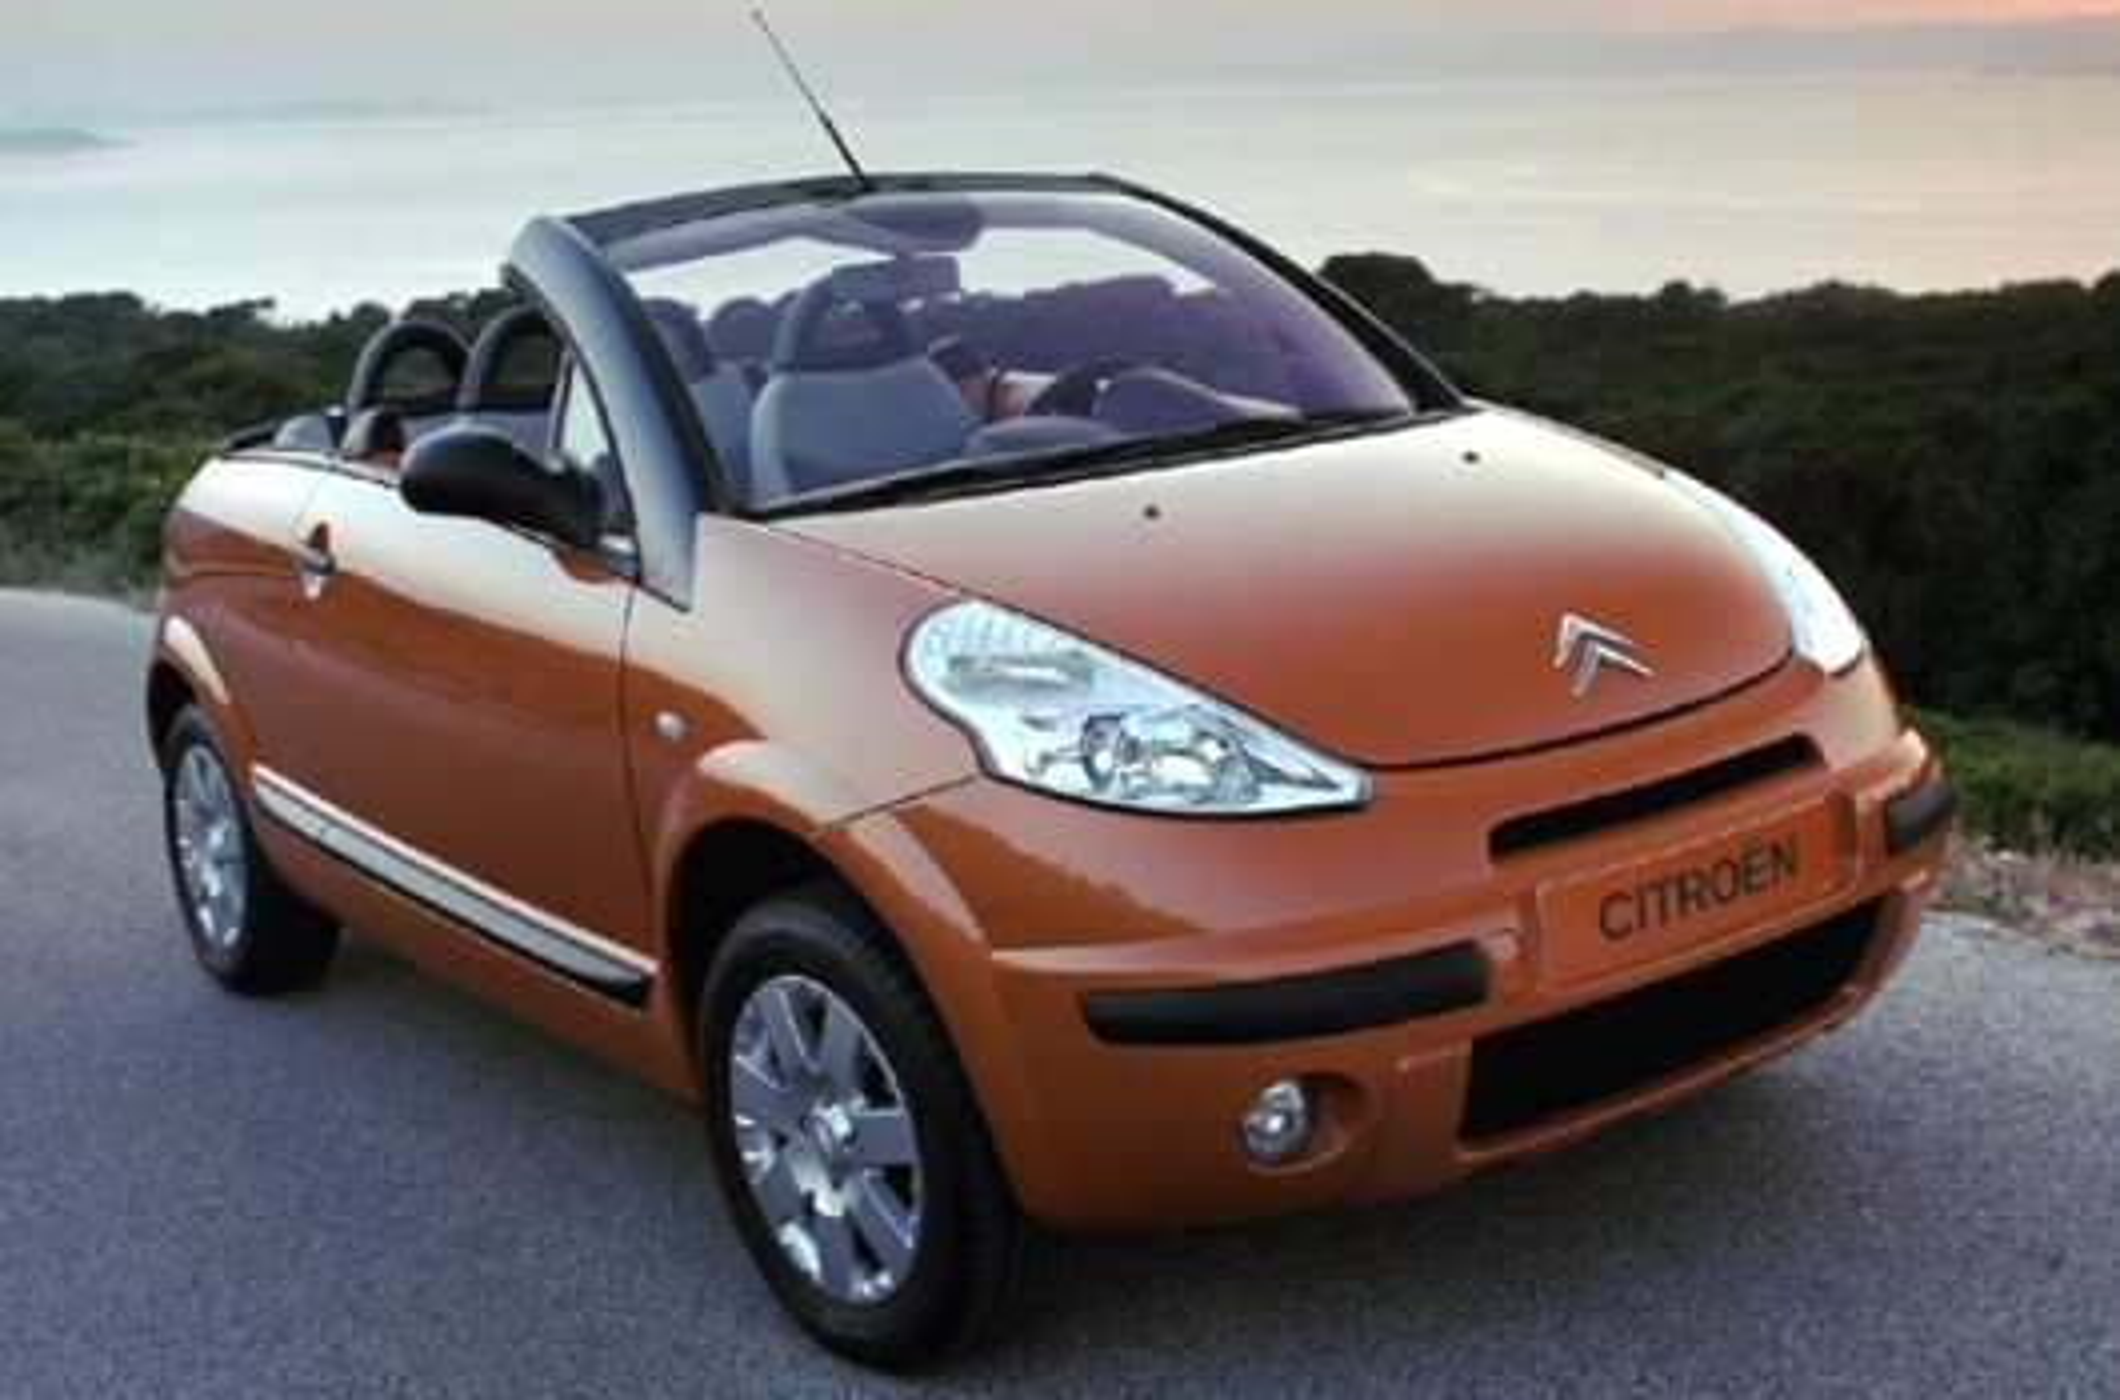 Citroen C3 Cabrio image #4